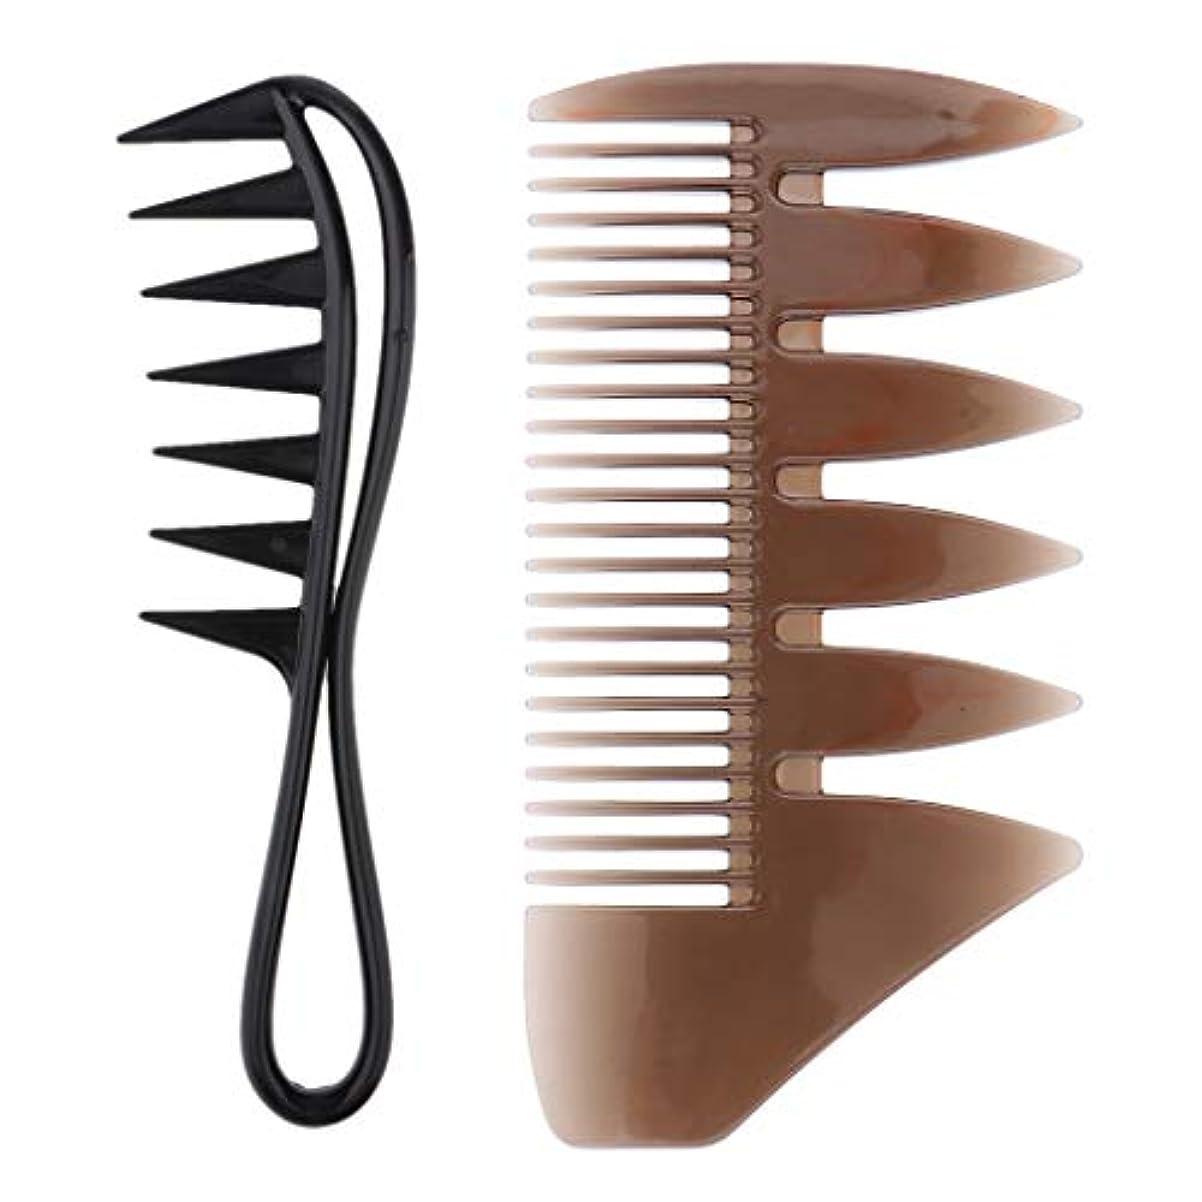 素朴な交通商業のP Prettyia 2個 男性 髪ピックくし サロン 染色 理髪 スタイリング 広い歯 コーム